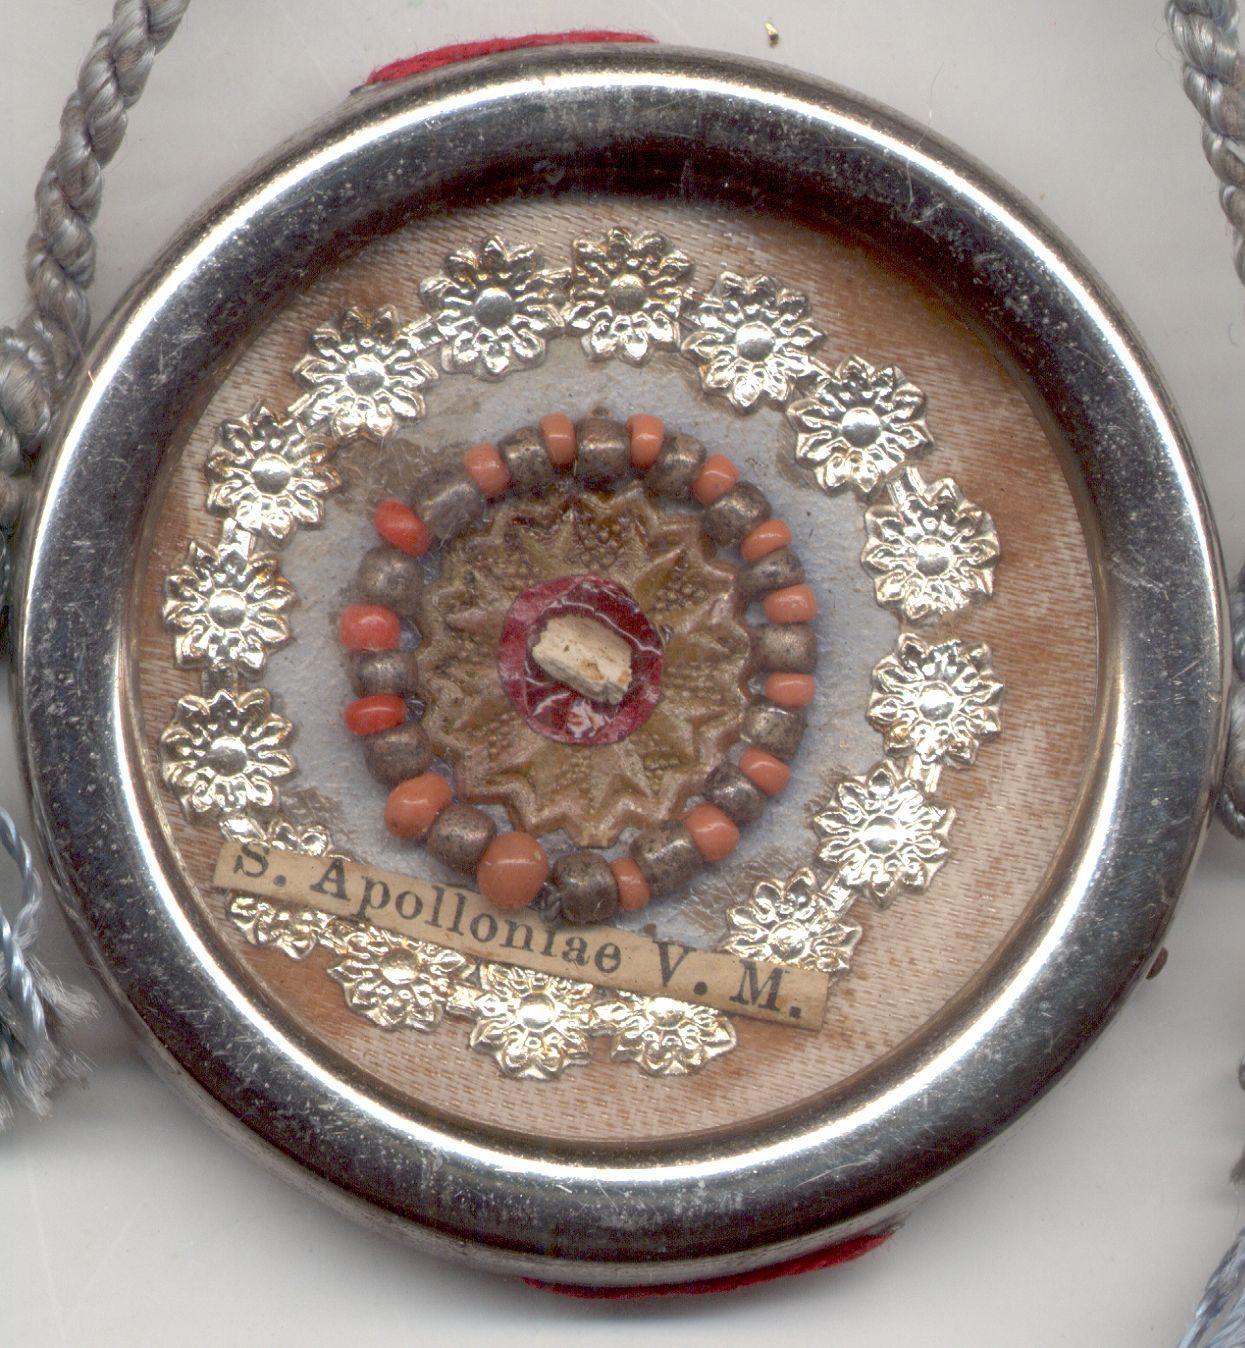 Reliquiario di Sant'Apollonia, Ebay